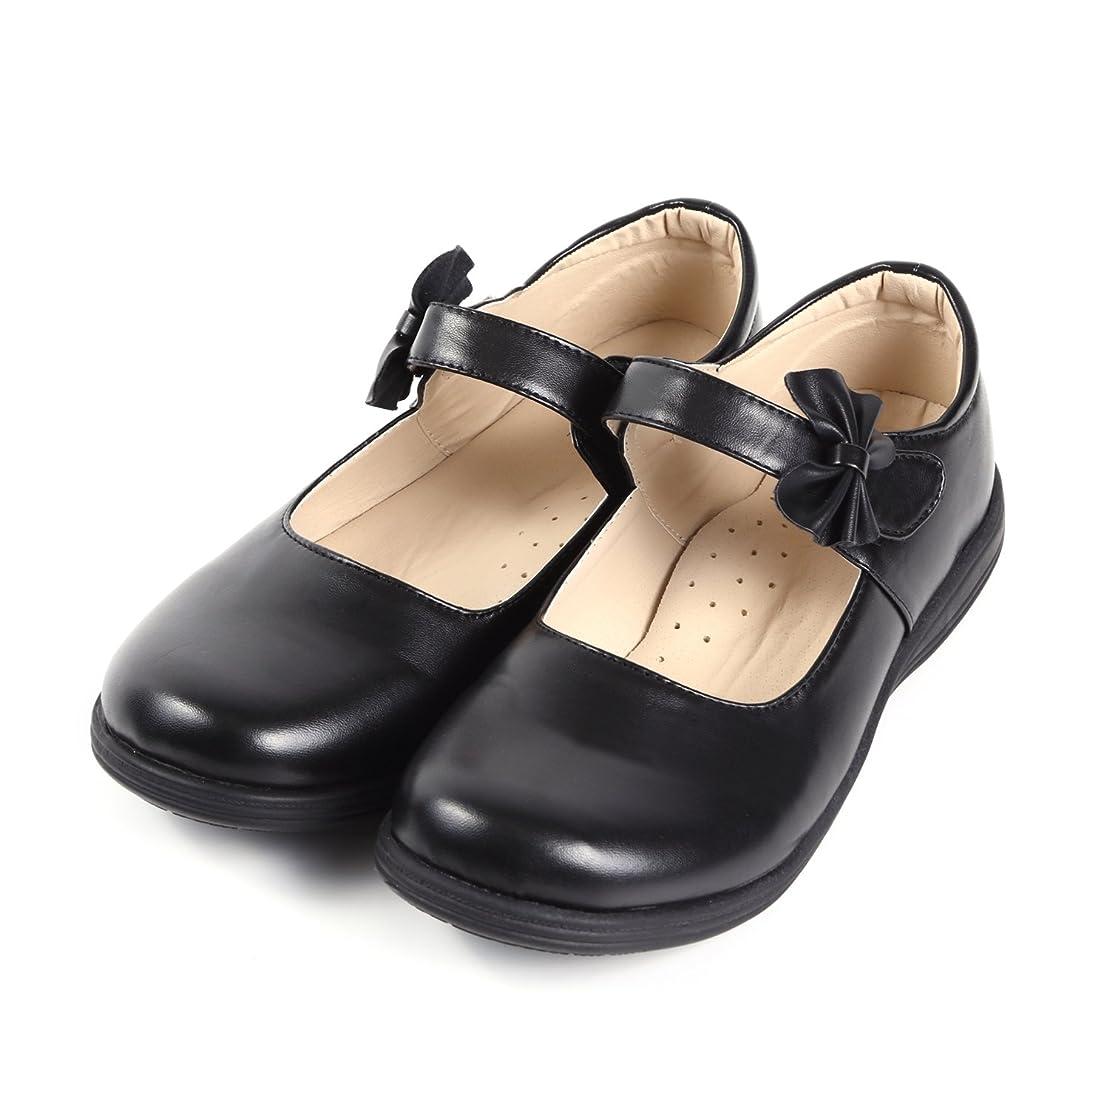 塗抹後方に用心する[§RR∞Ricce] リッチェ Ricce フォーマルシューズ 女の子 子供 キッズ マット 靴 結婚式 入学式 卒業式 お受験 発表会 七五三